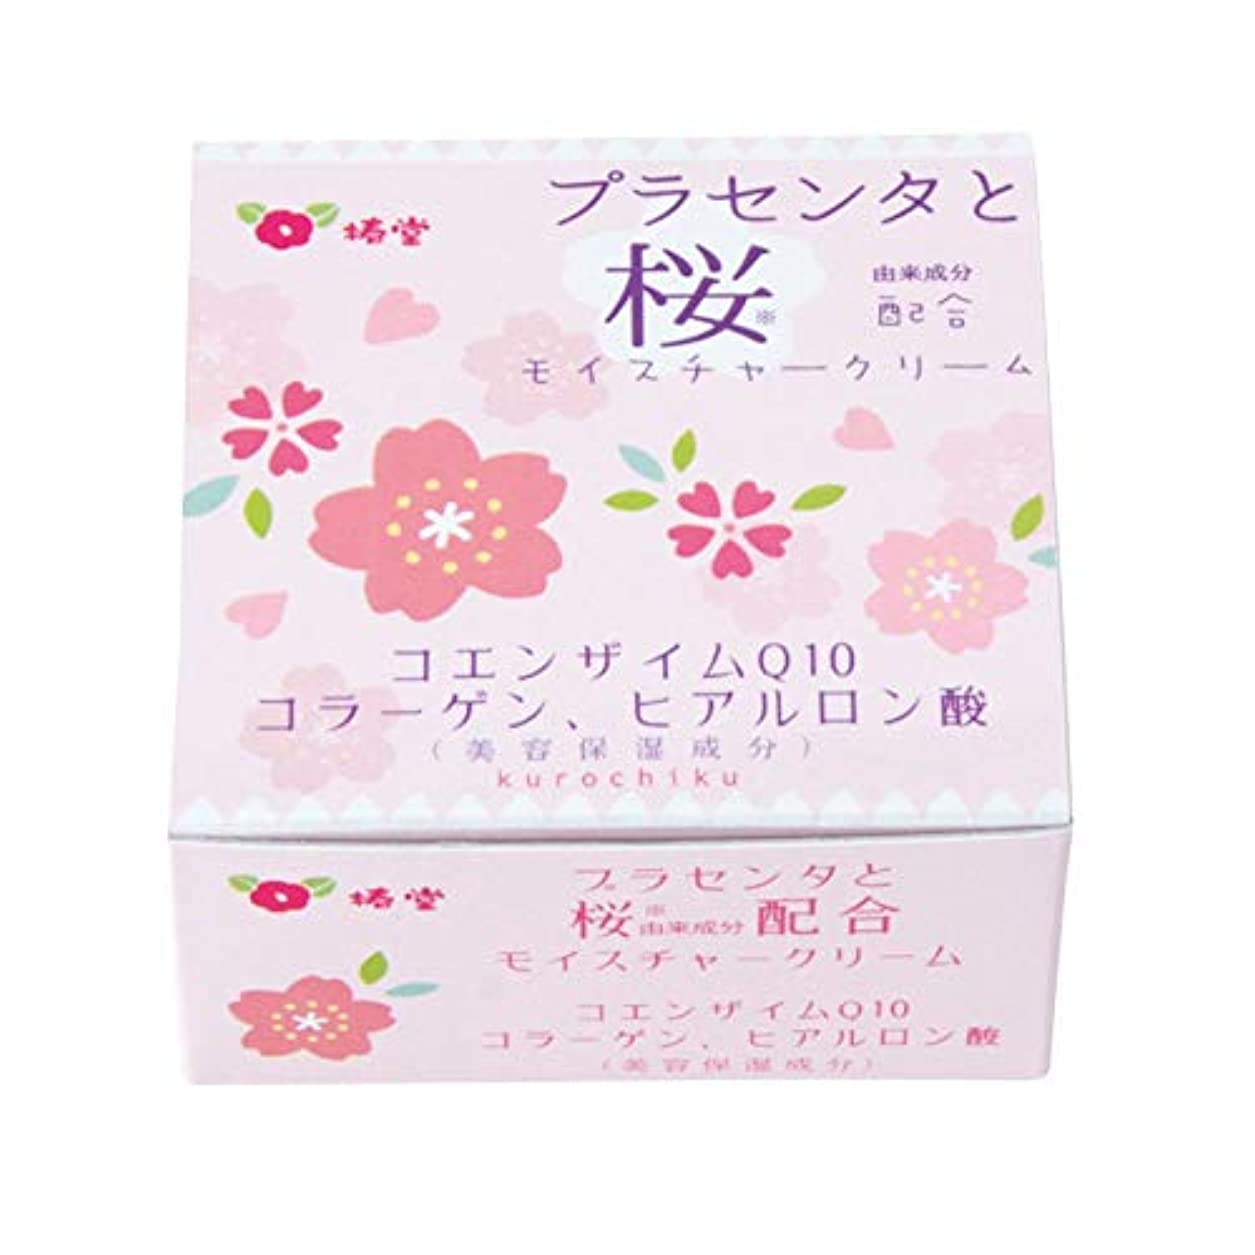 直接噂以前は椿堂 桜モイスチャークリーム (プラセンタと桜) 京都くろちく